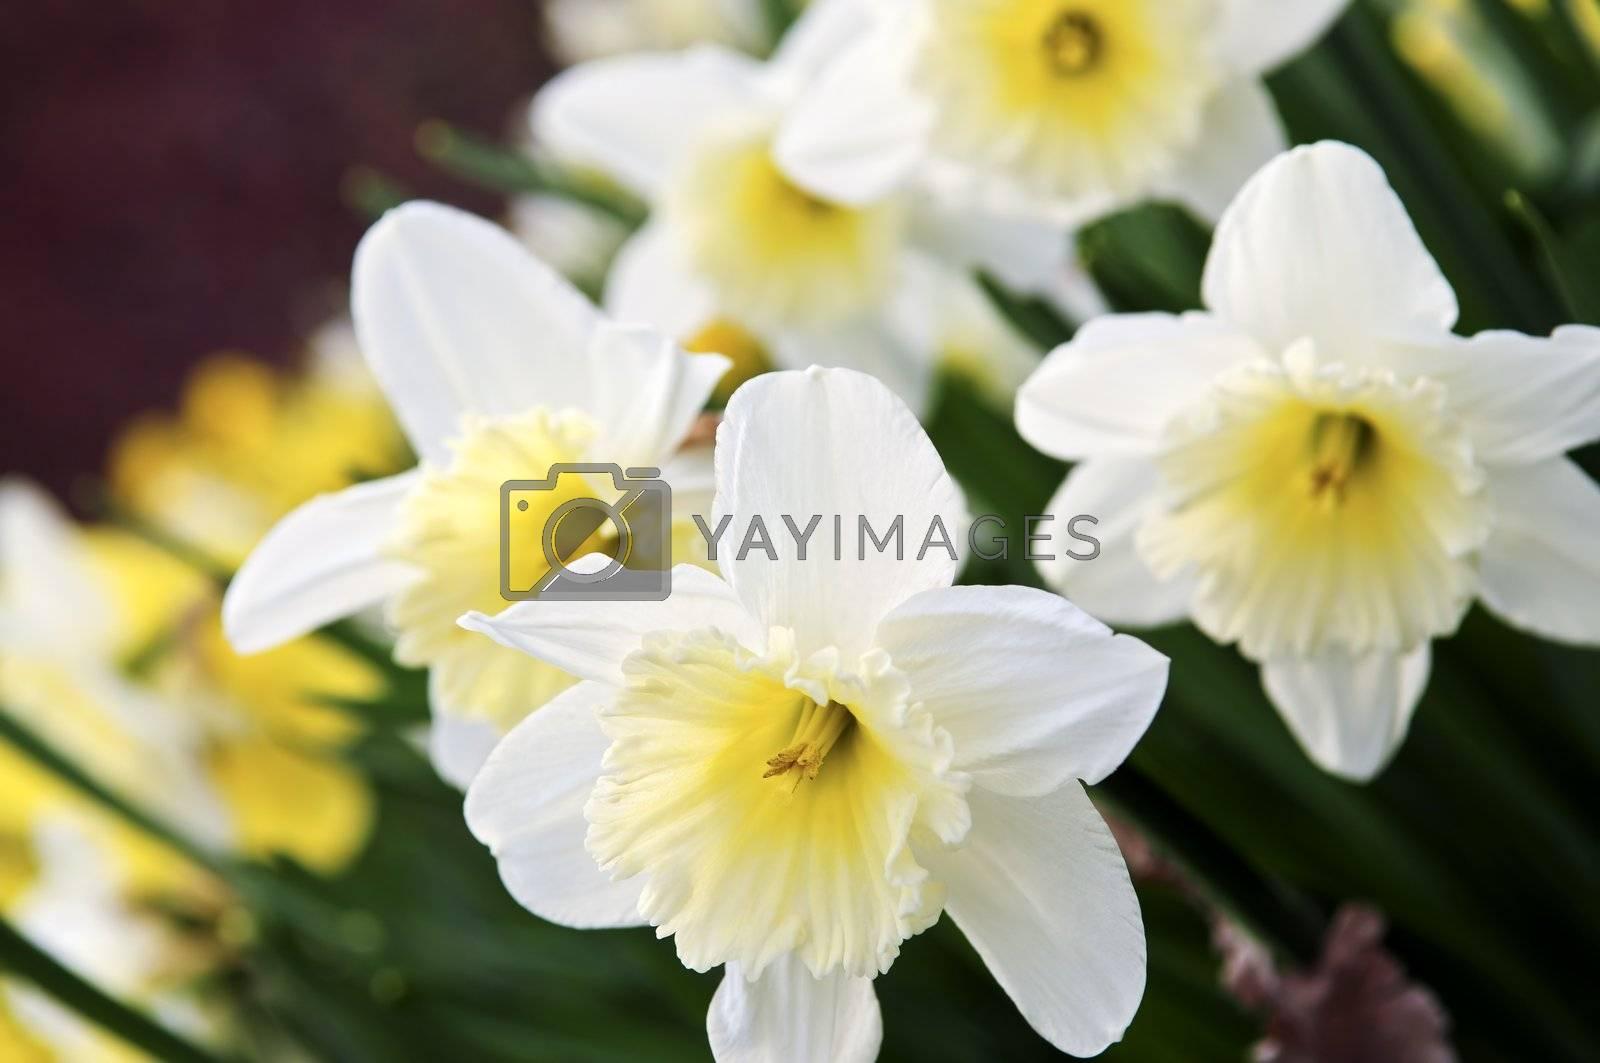 Daffodils by elenathewise